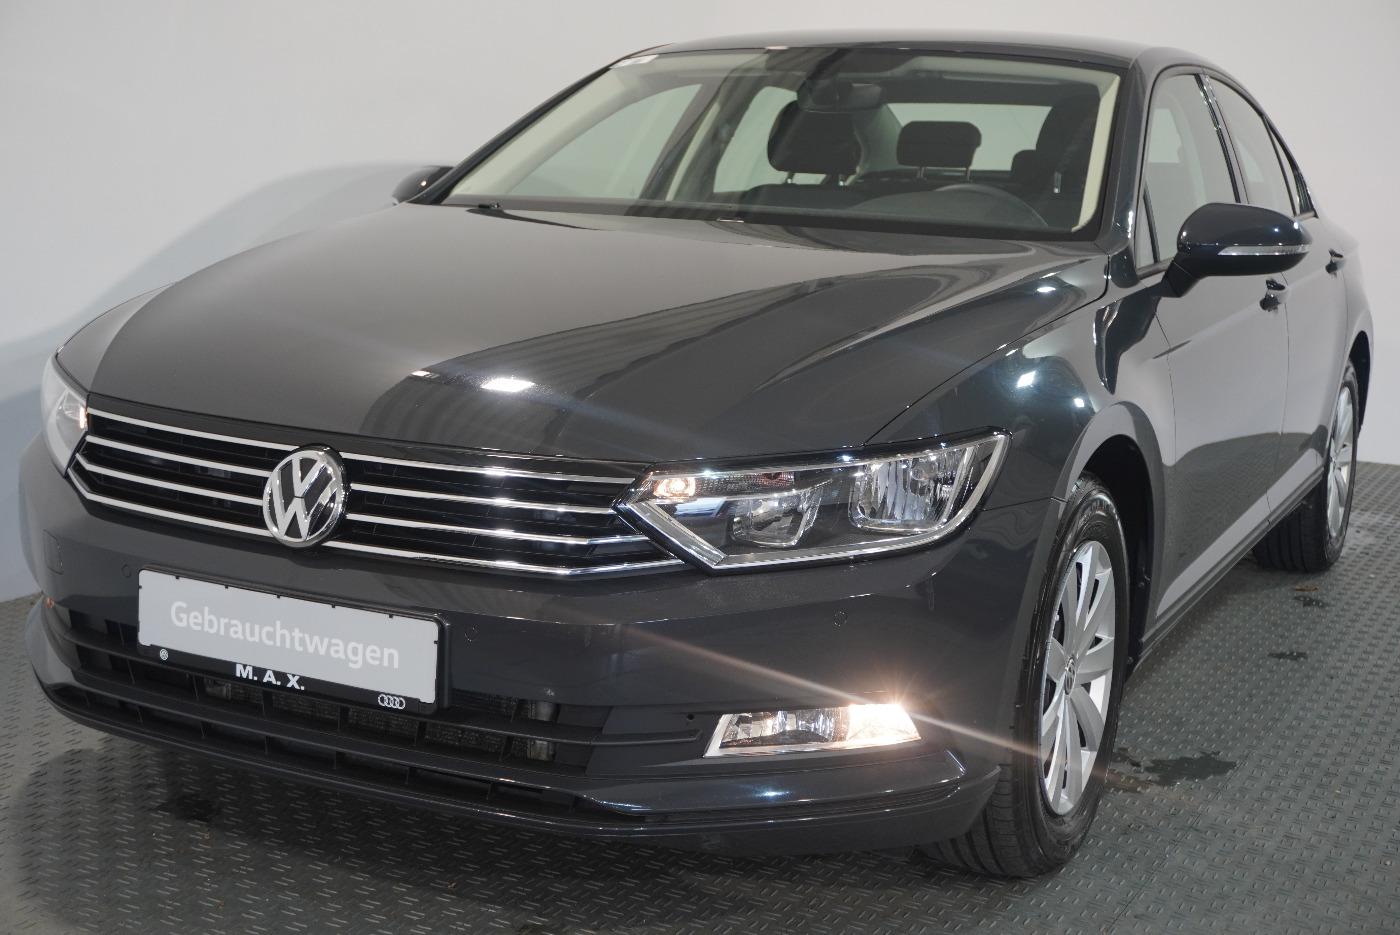 Volkswagen Passat 2.0 TDI DSG NAVI PDC SHZ GRA TÜV NEU, Jahr 2018, Diesel